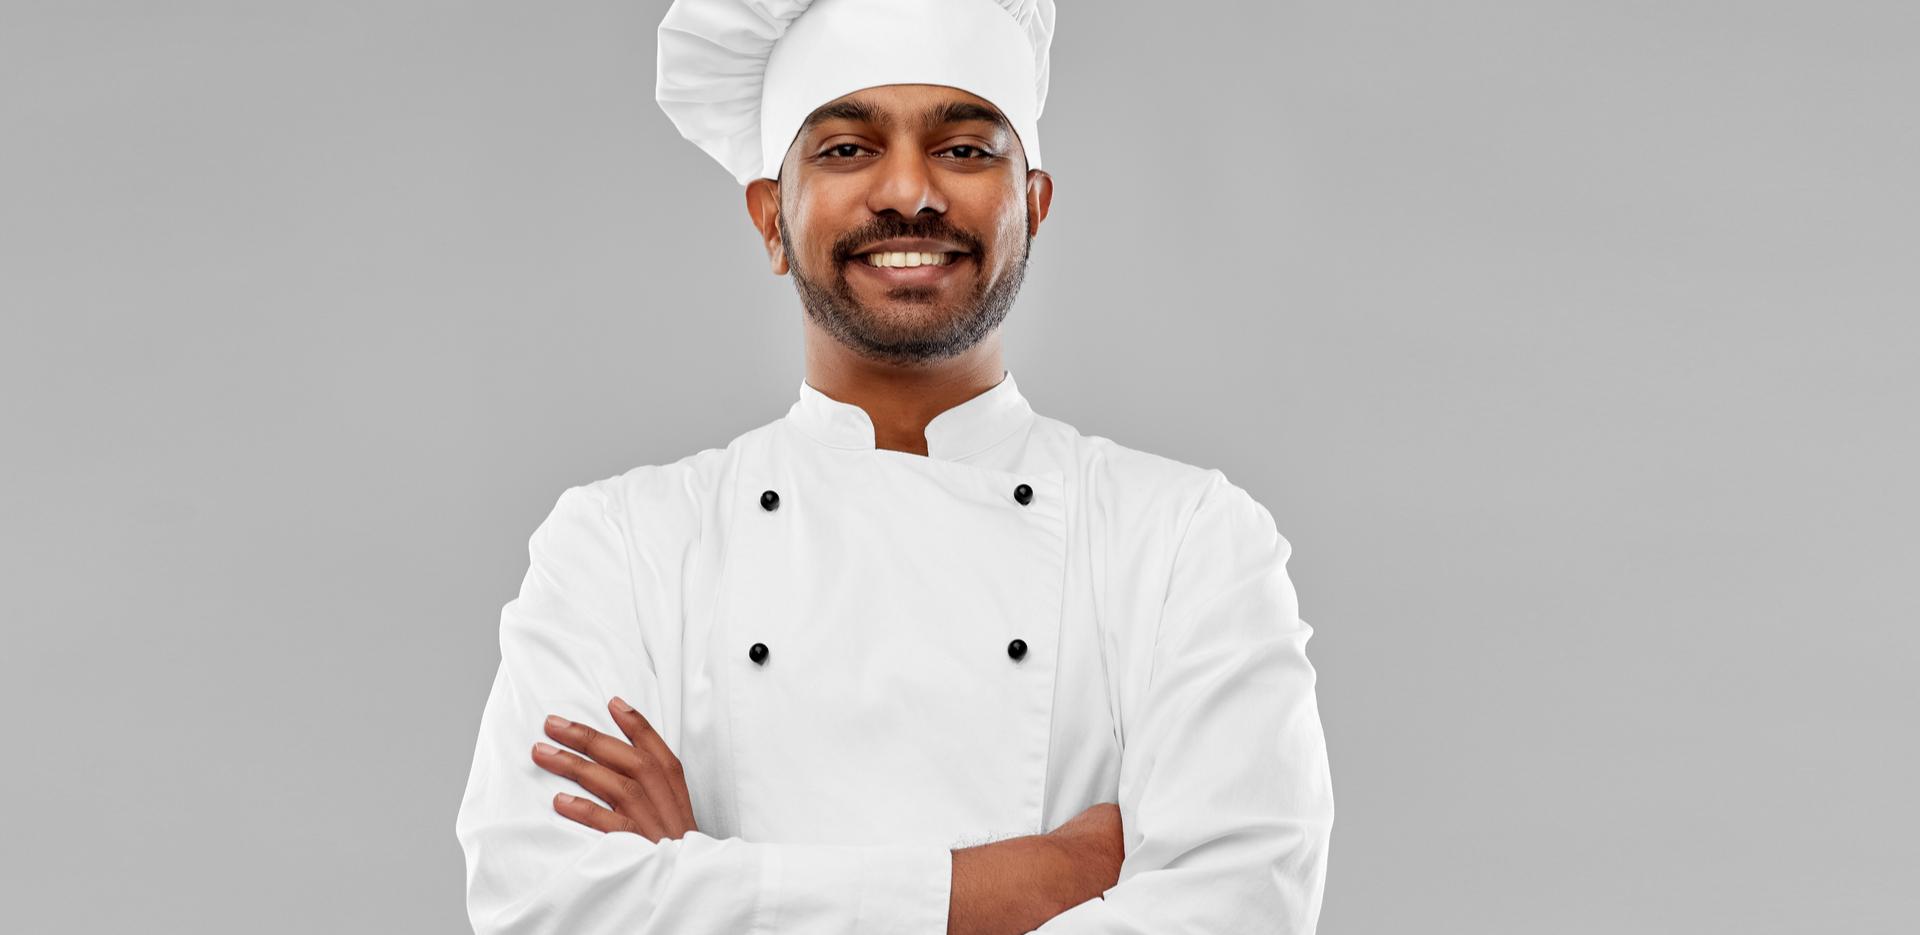 Chef at Club Mahindra Resort